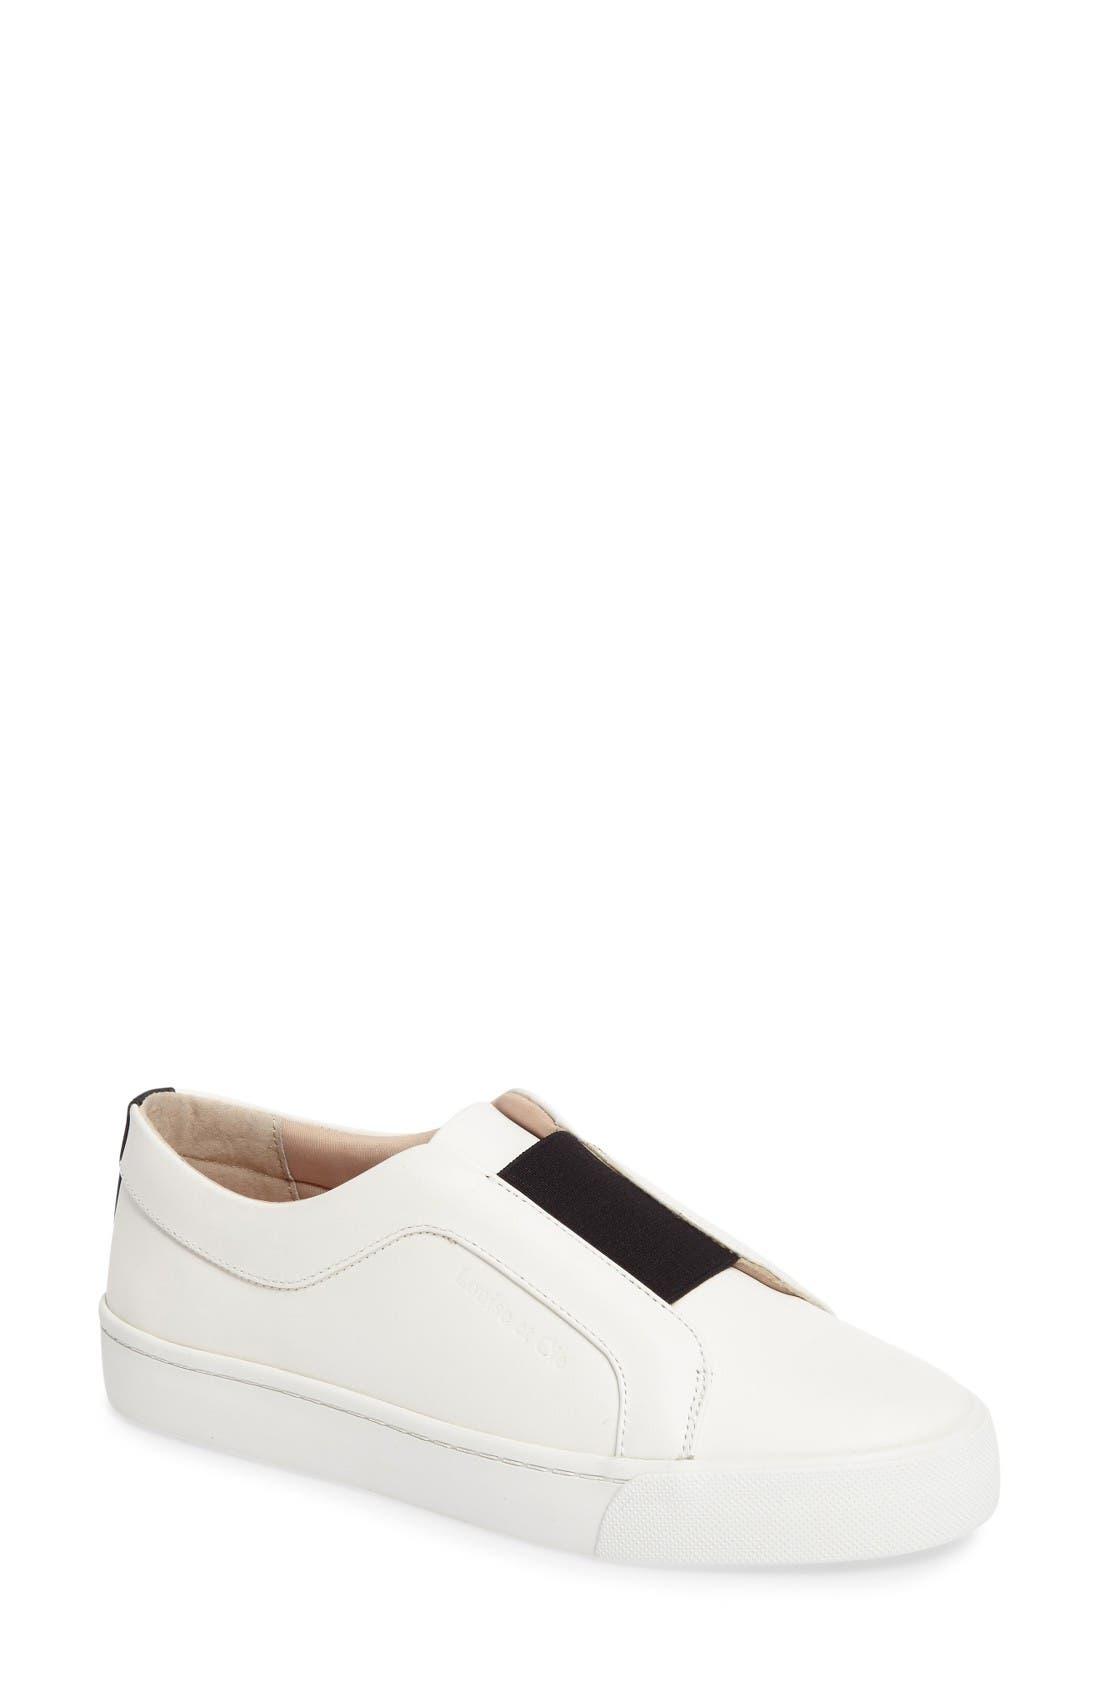 Louise et Cie Bette Slip-On Sneaker (Women)